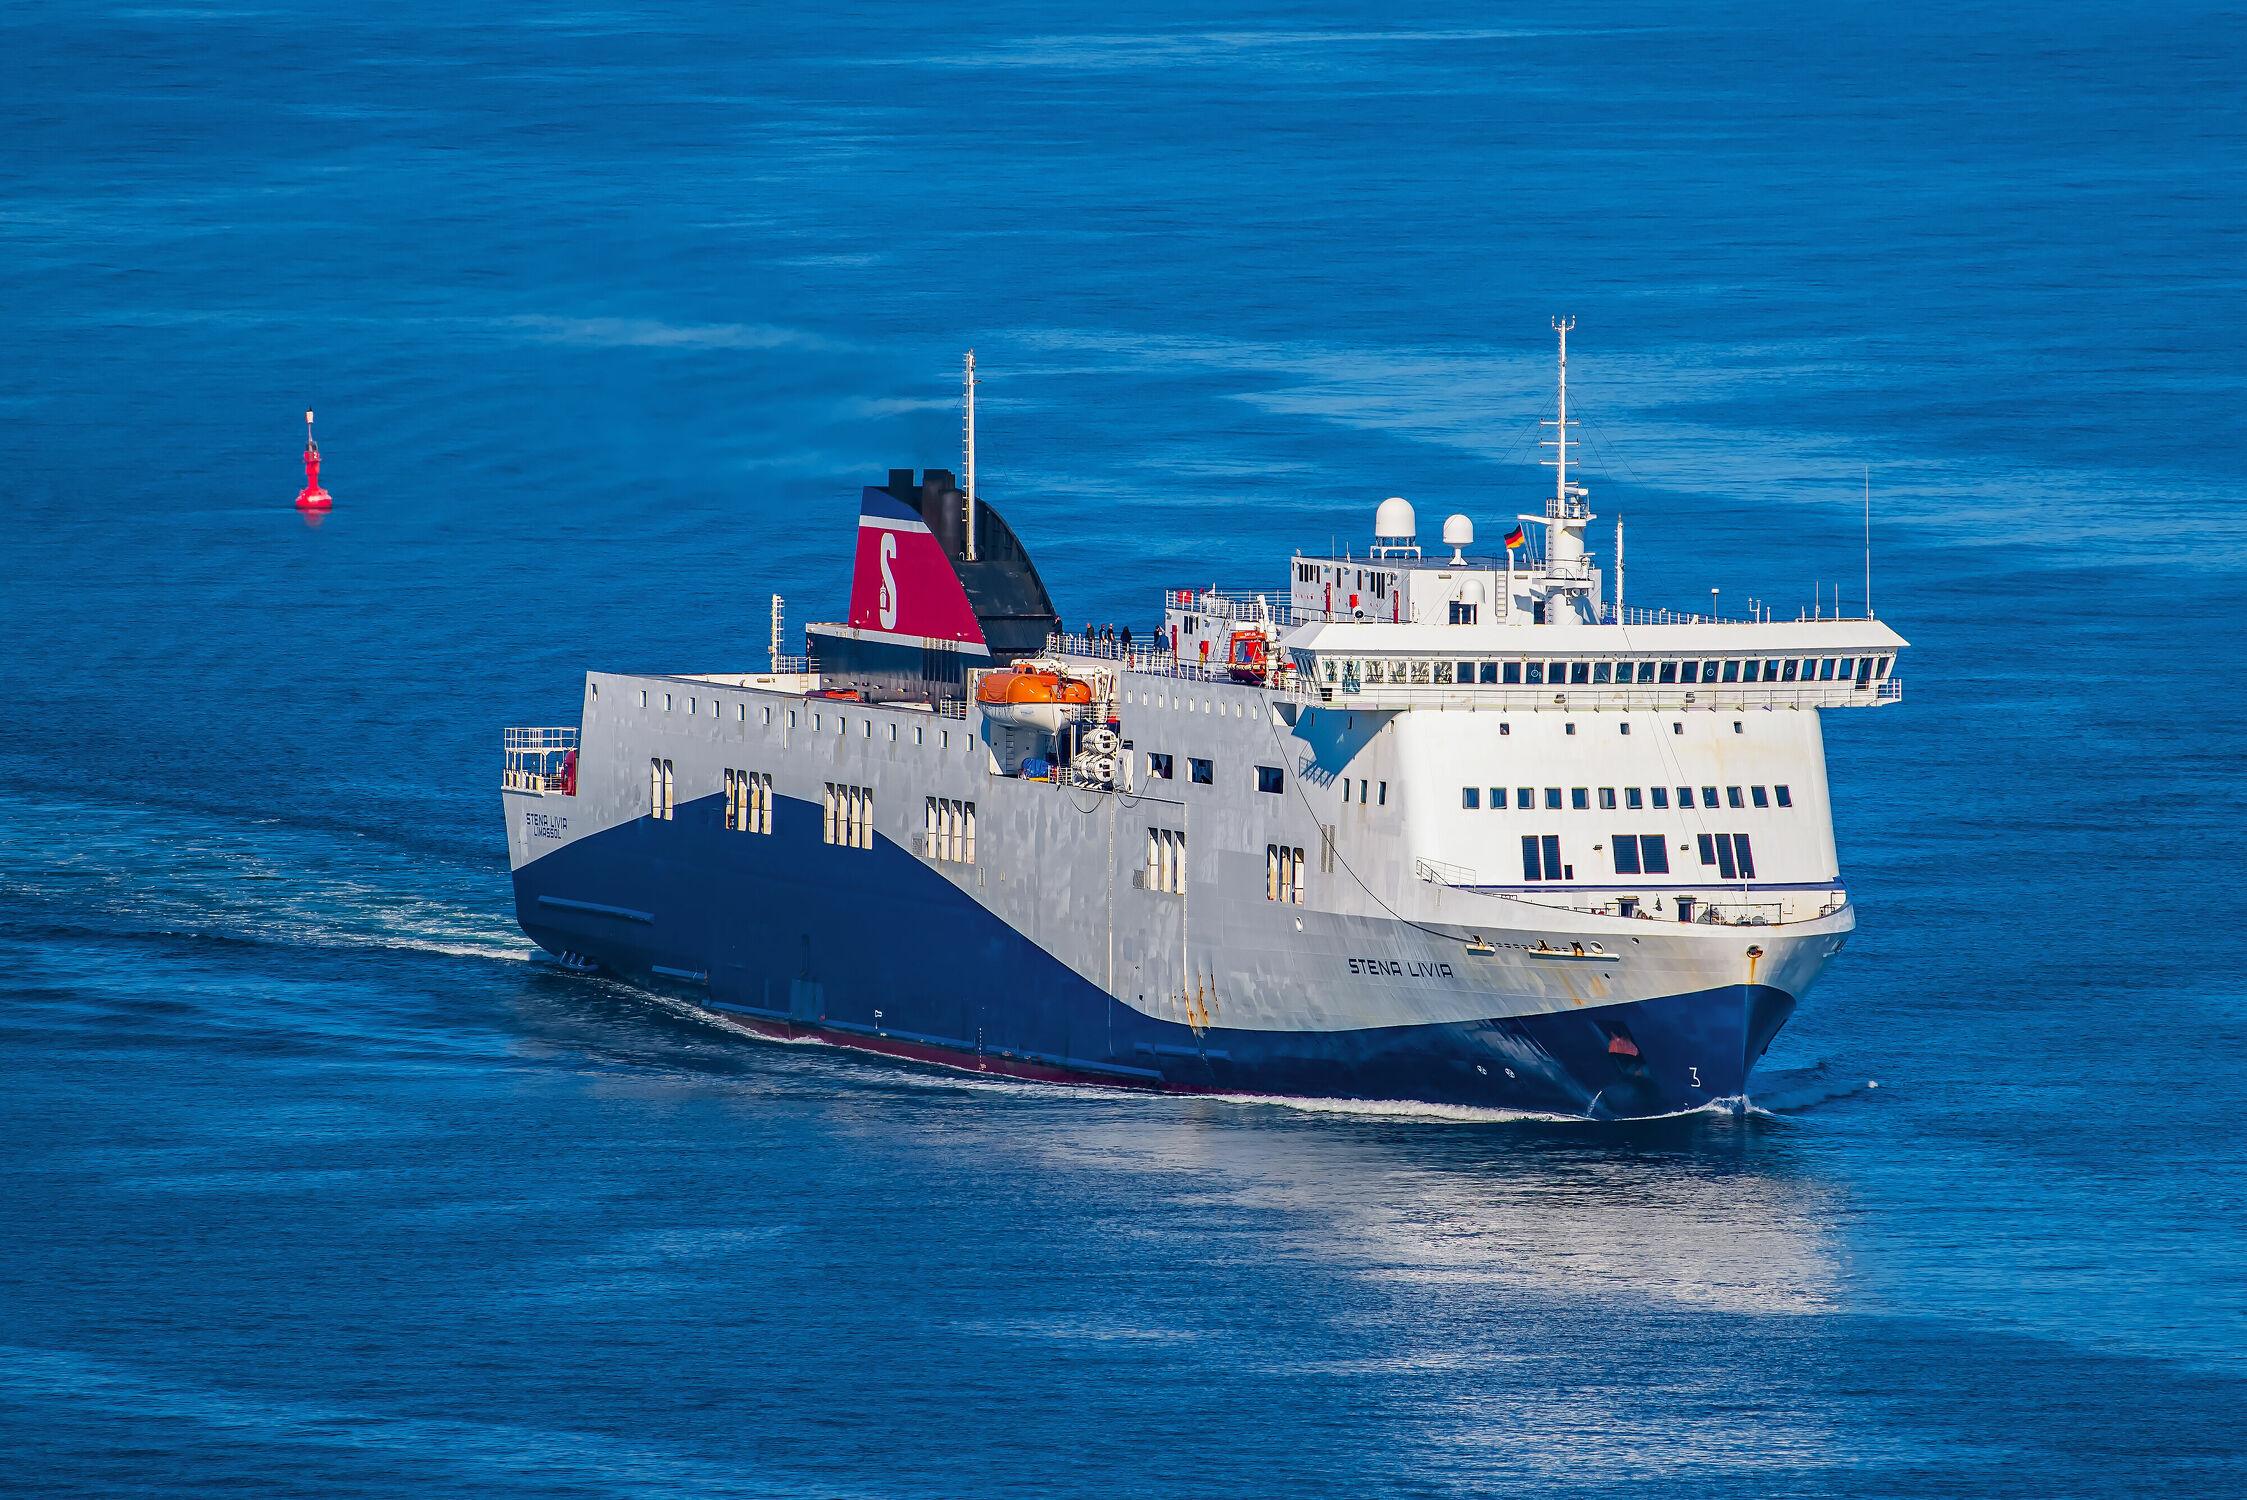 Bild mit Wasser, Wellen, Transport, Ostsee, Schiff, Schifffahrt, Wind, Fähre, Passagiere, Fracht